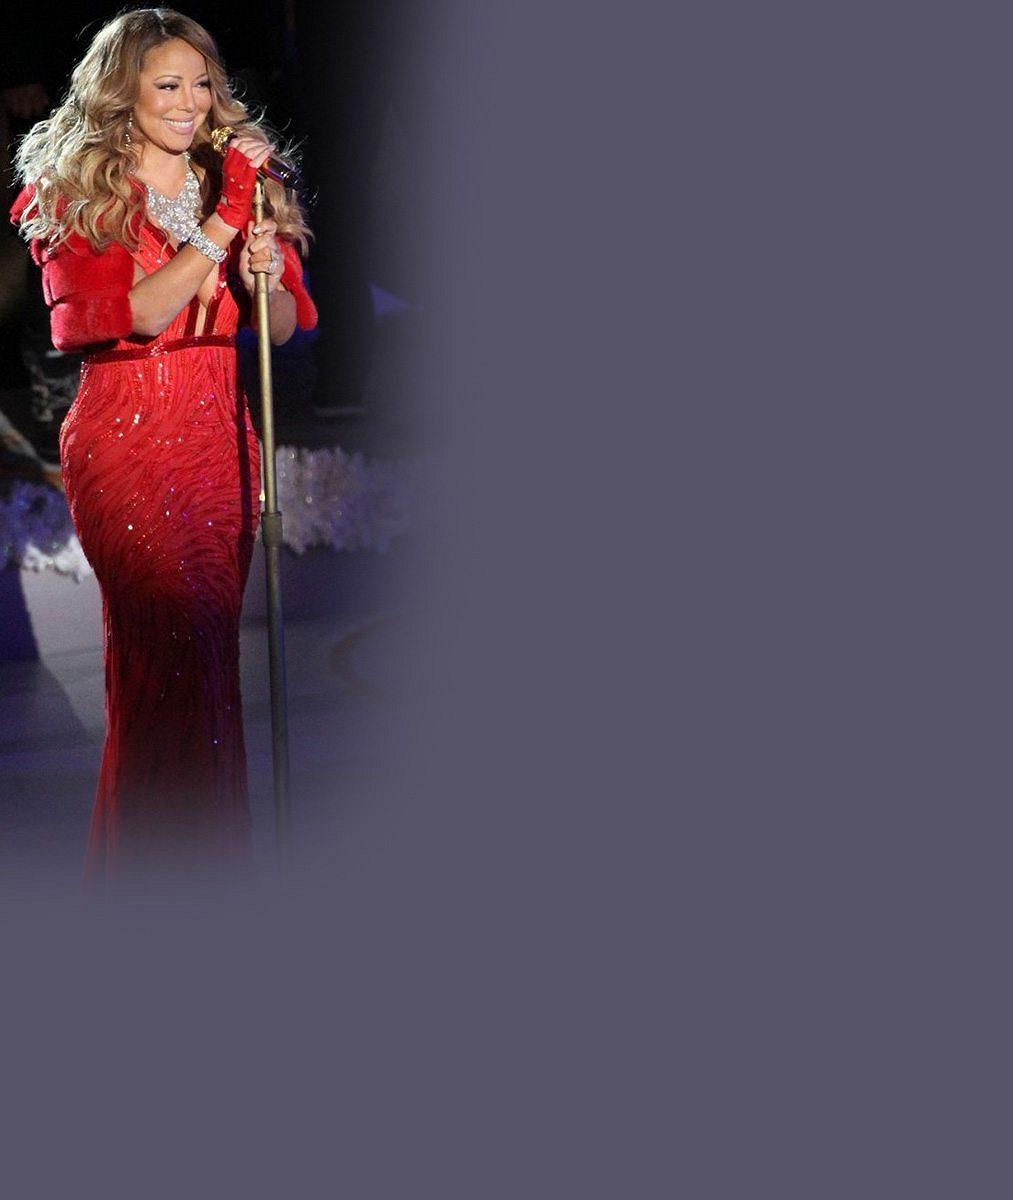 IEwa Farna je oproti ní jako laňka: Mariah Carey narostla vrudých šatech do proporcí slonice